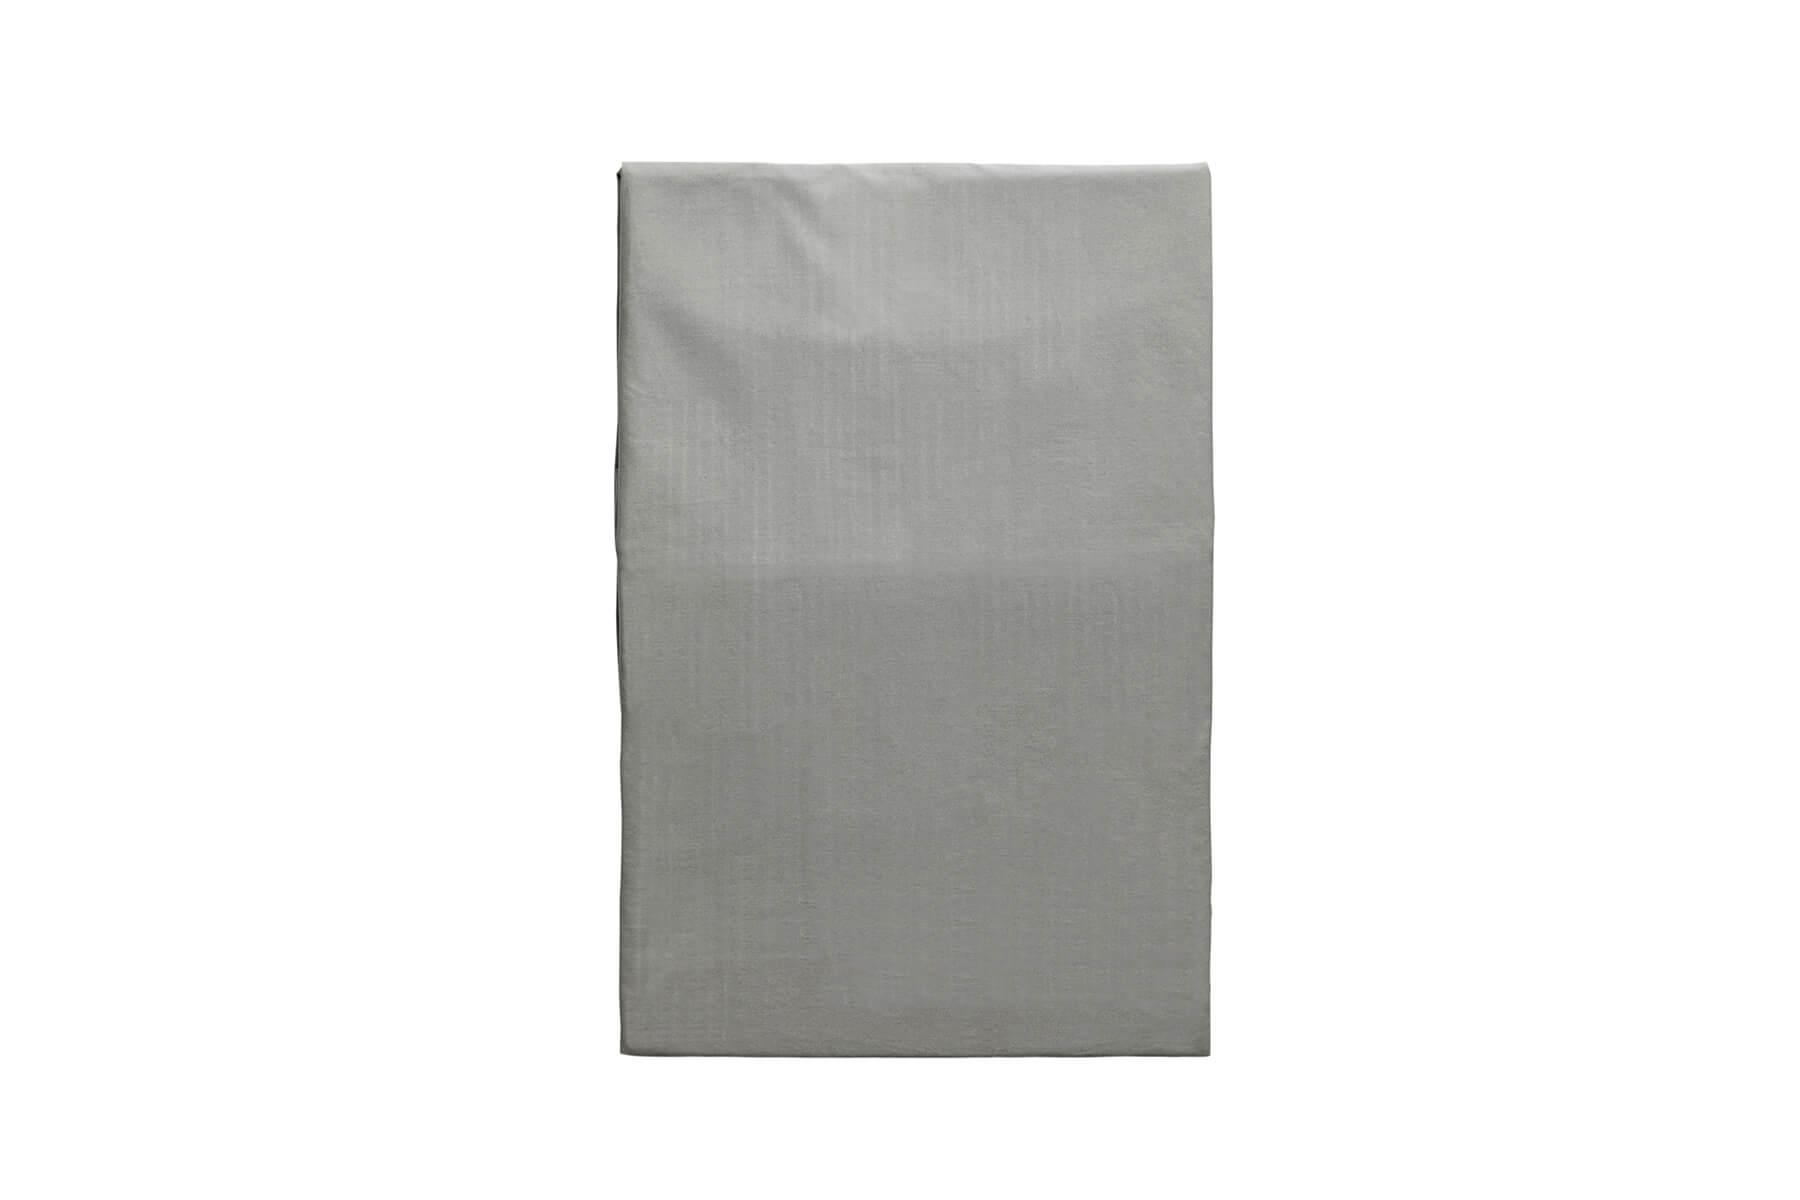 Køb Norhland kuvertlagen GrÃ¥ 120 x 200 cm